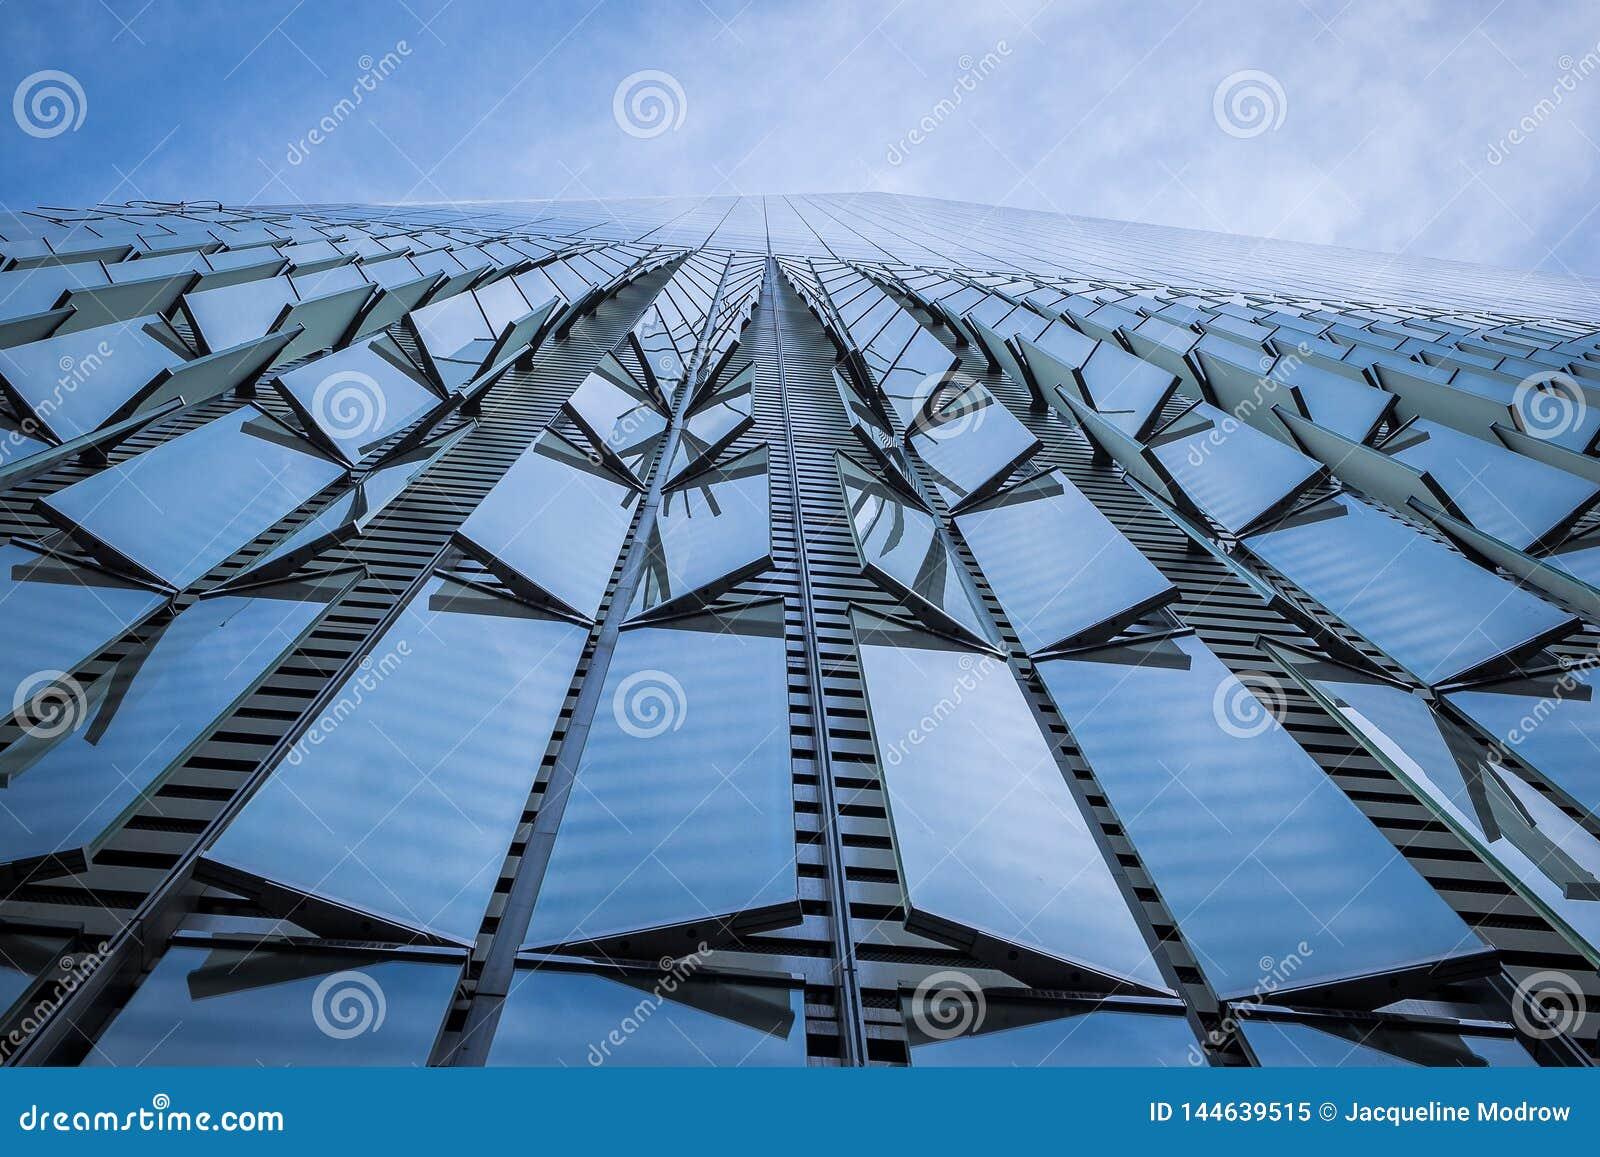 Lato di One World Trade Center come sembrate diritto su